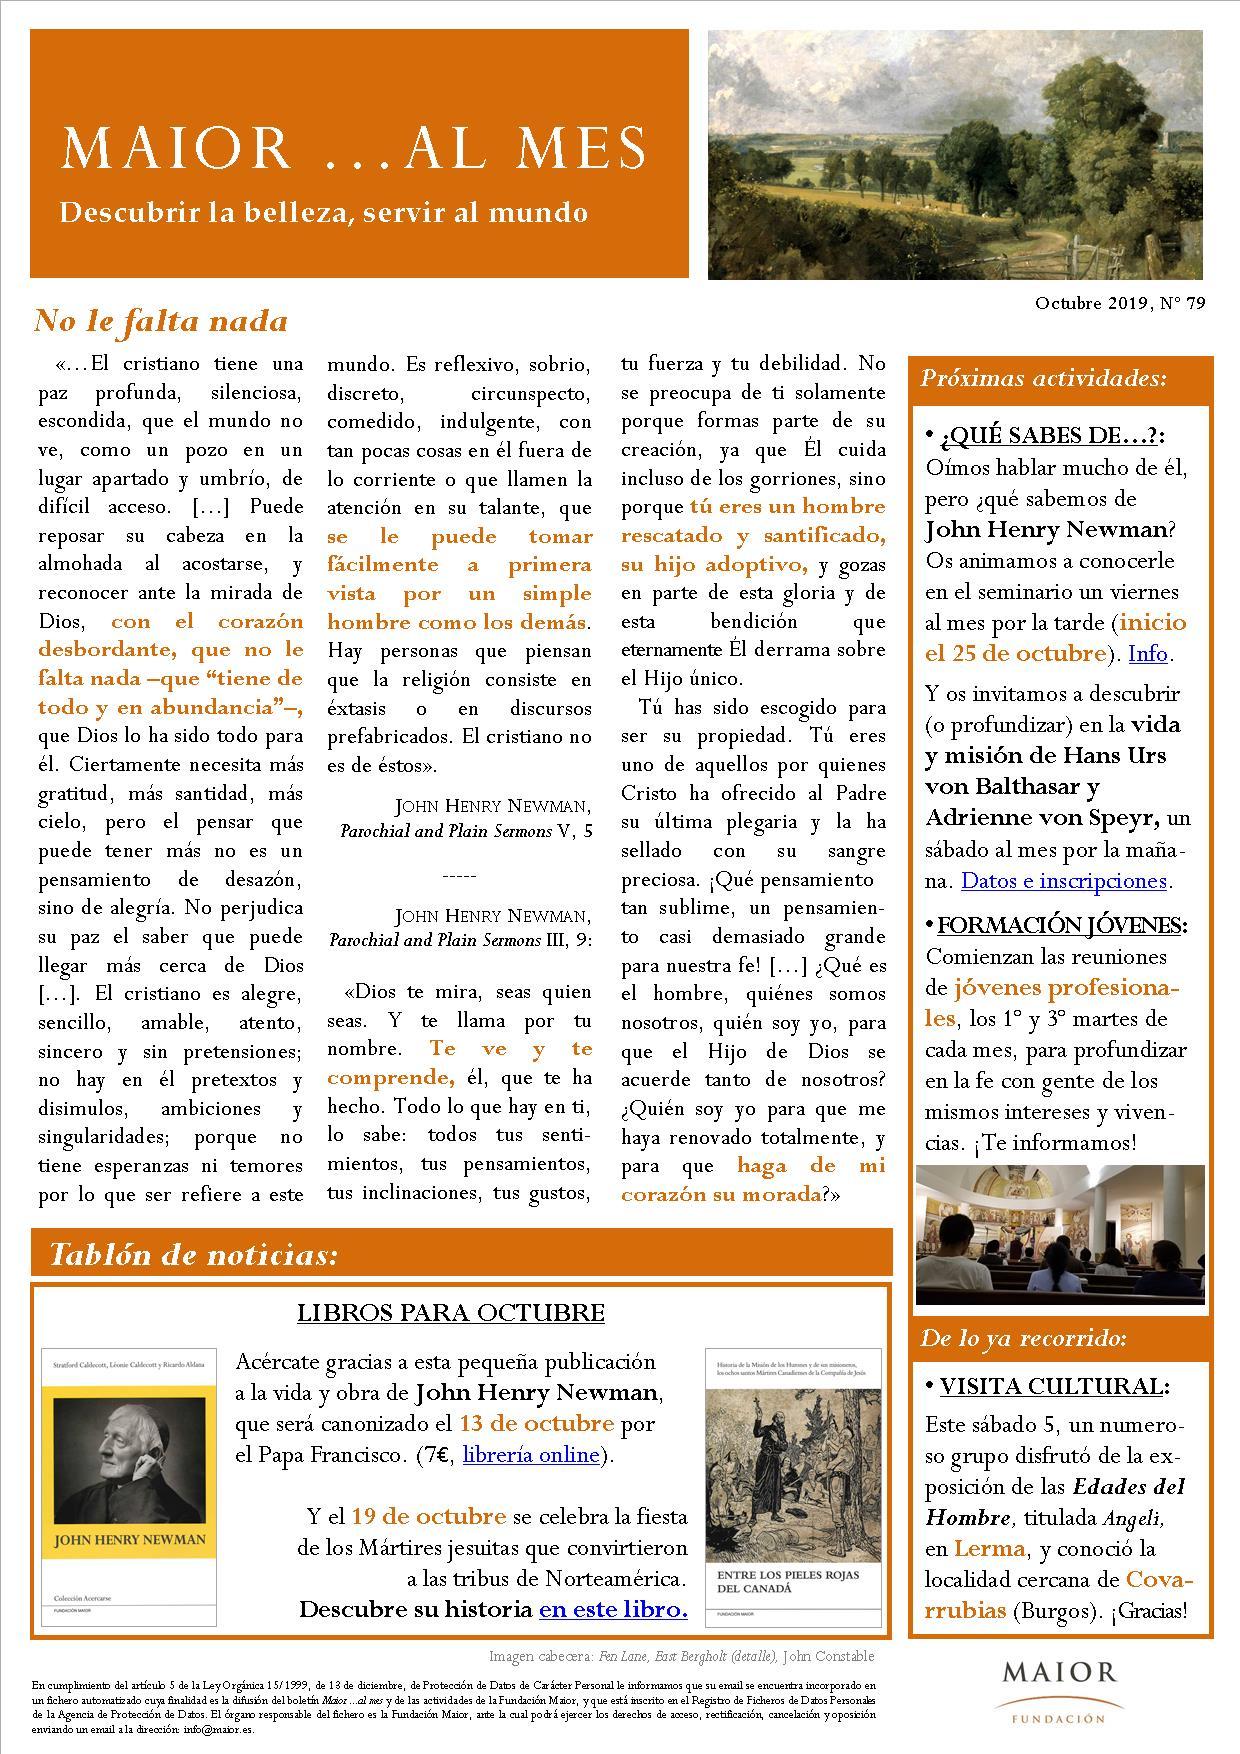 Boletín mensual de noticias y actividades de la Fundación Maior. Edición de octubre 2019